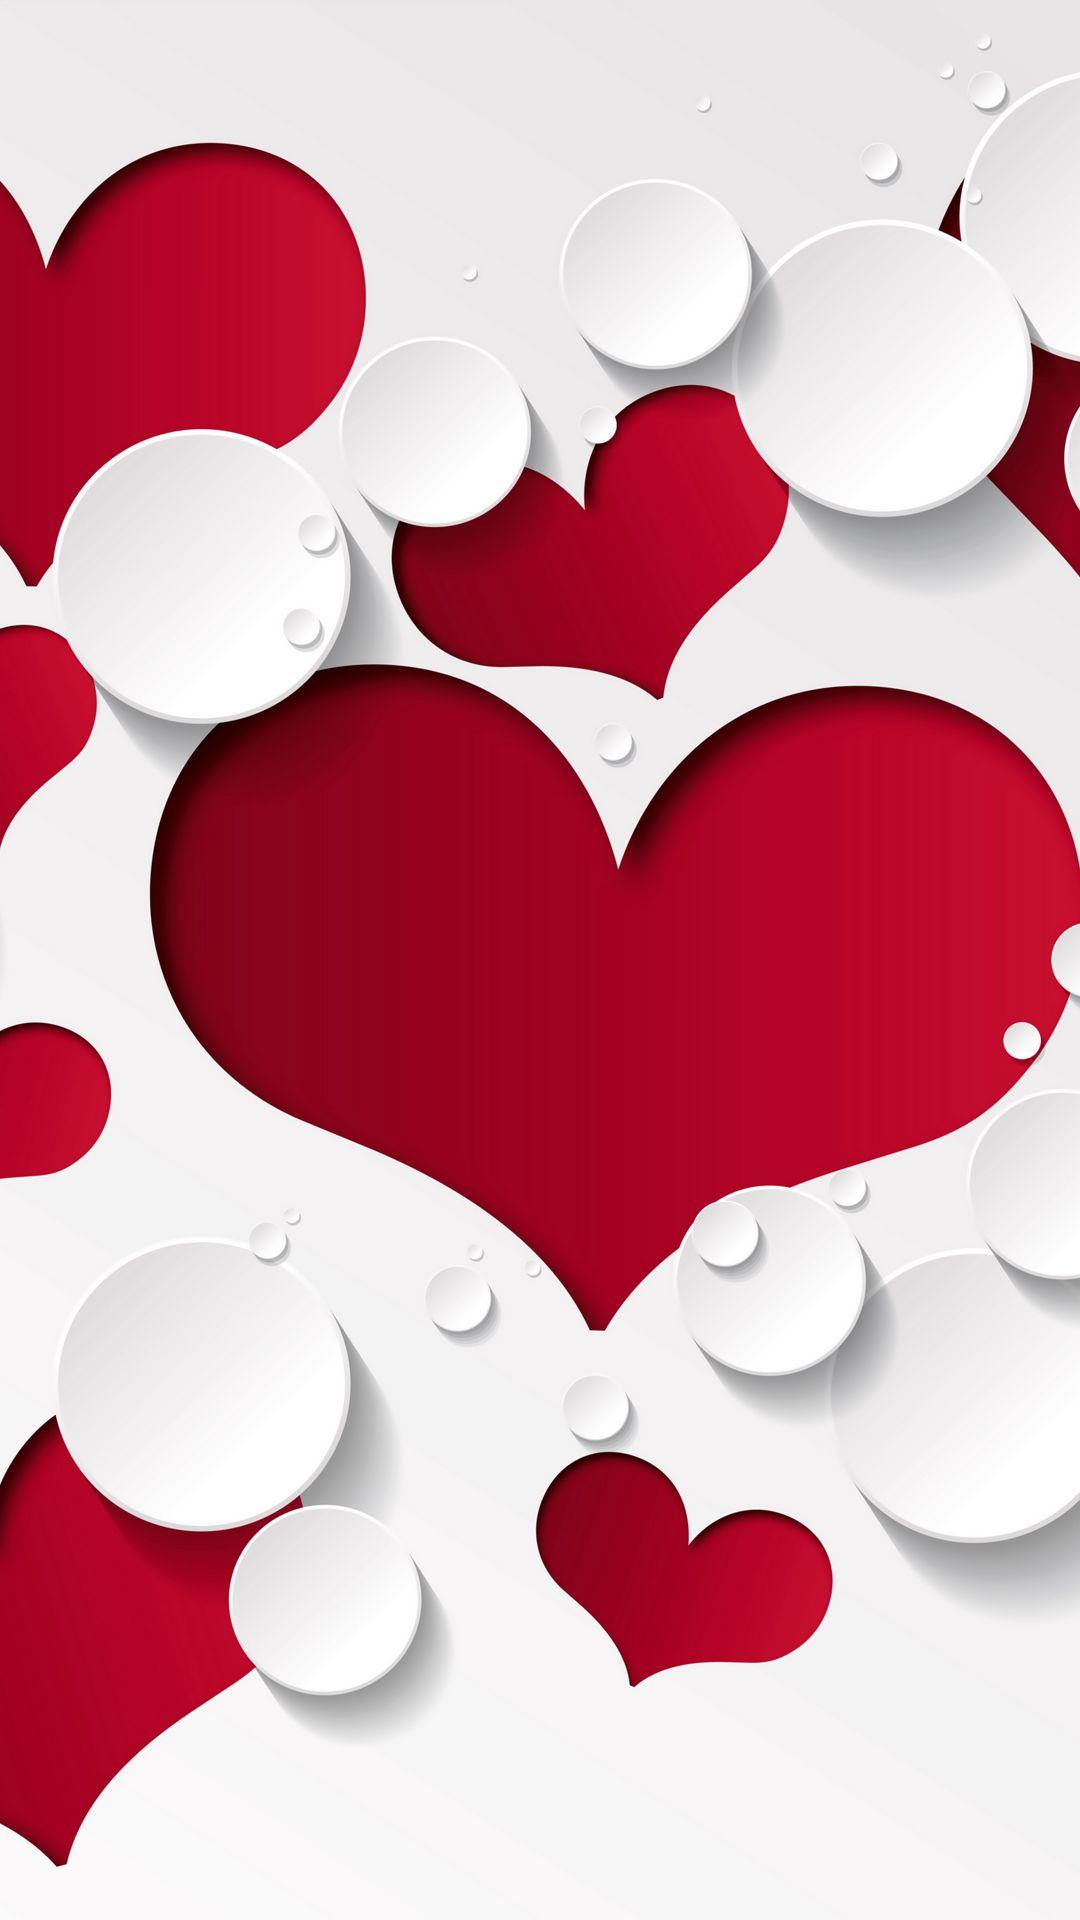 1080x1920 Wallpaper heart, shape, pattern